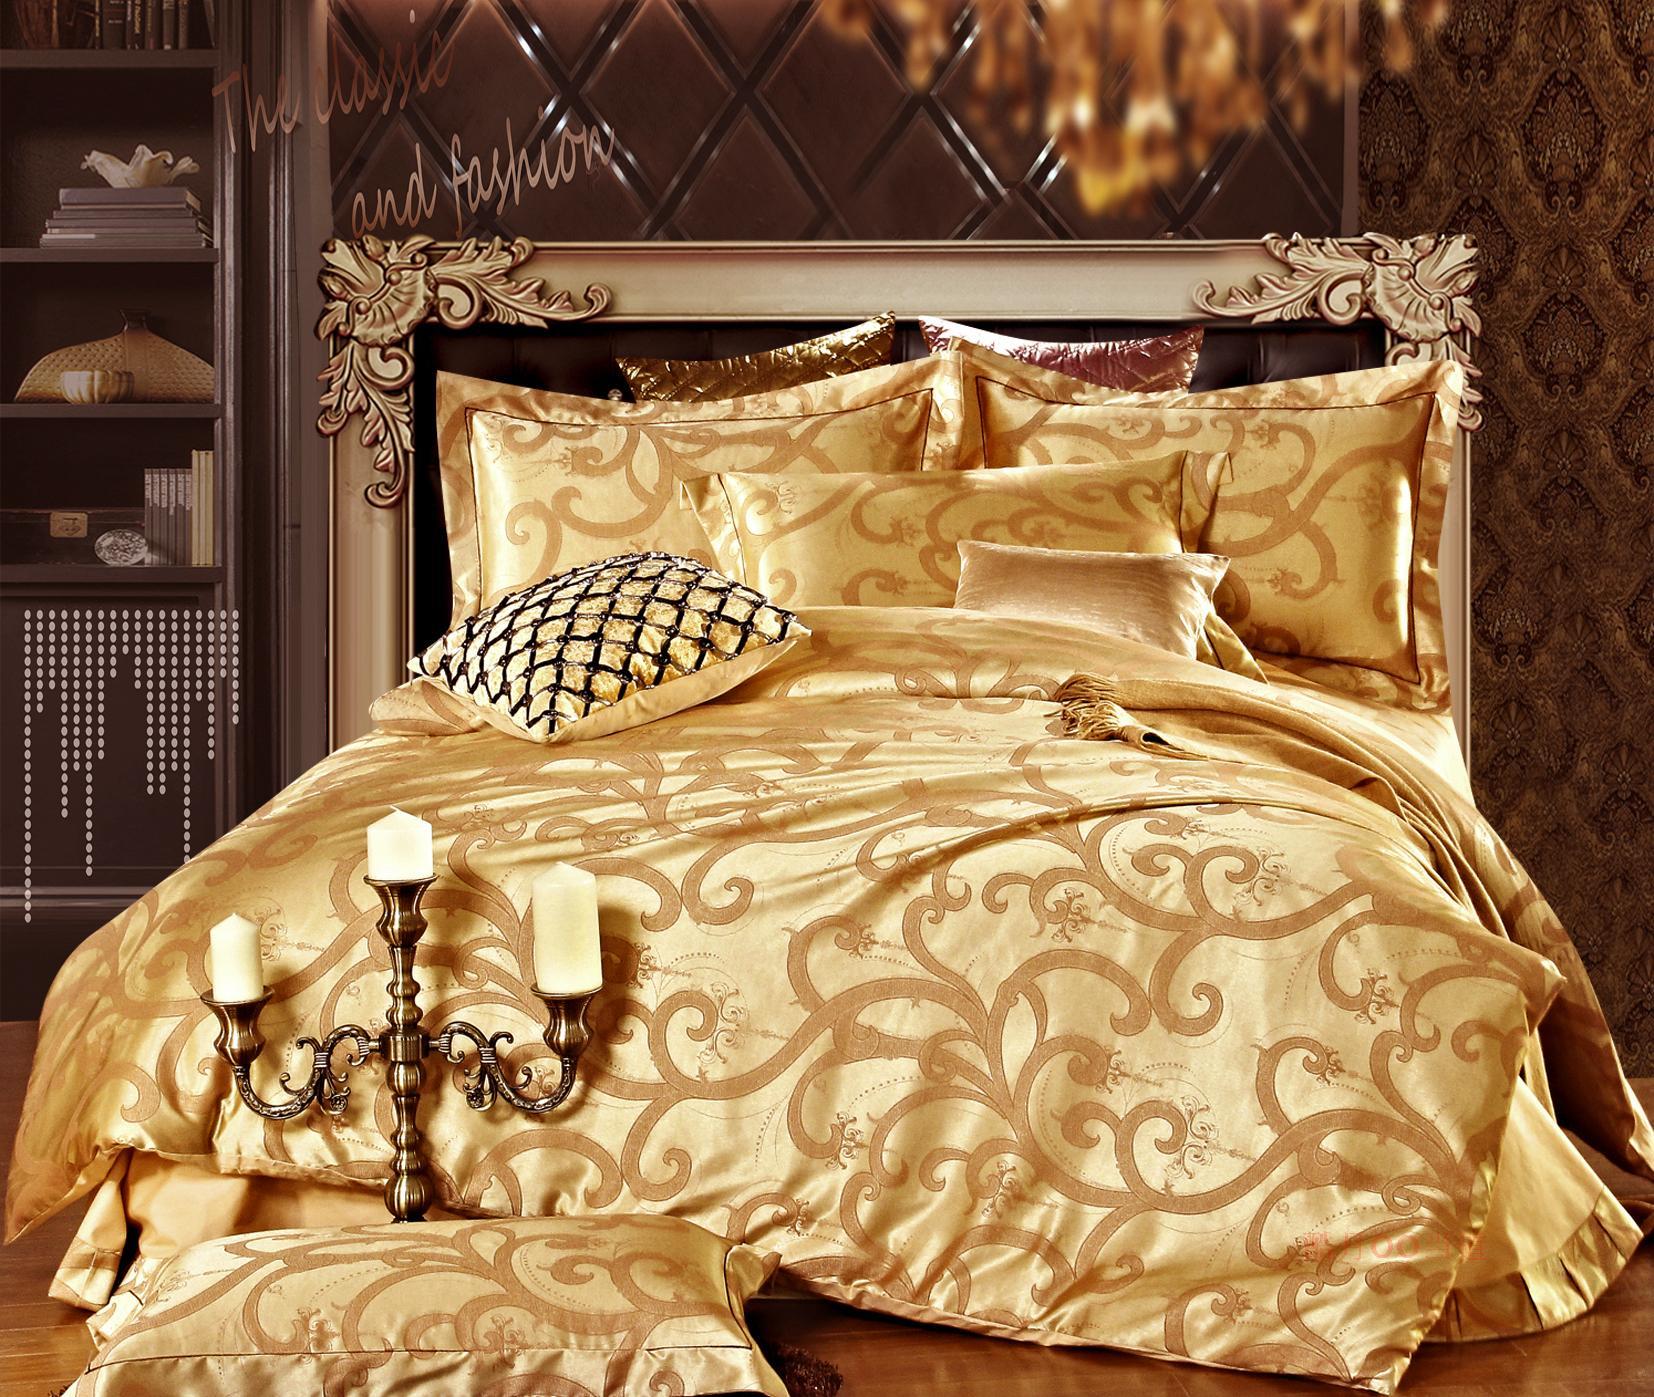 Домашний текстиль аутентичные шелка атласа жаккард постельных принадлежностей четыре части хлопка набор 4 белья Распродажа пакет почты